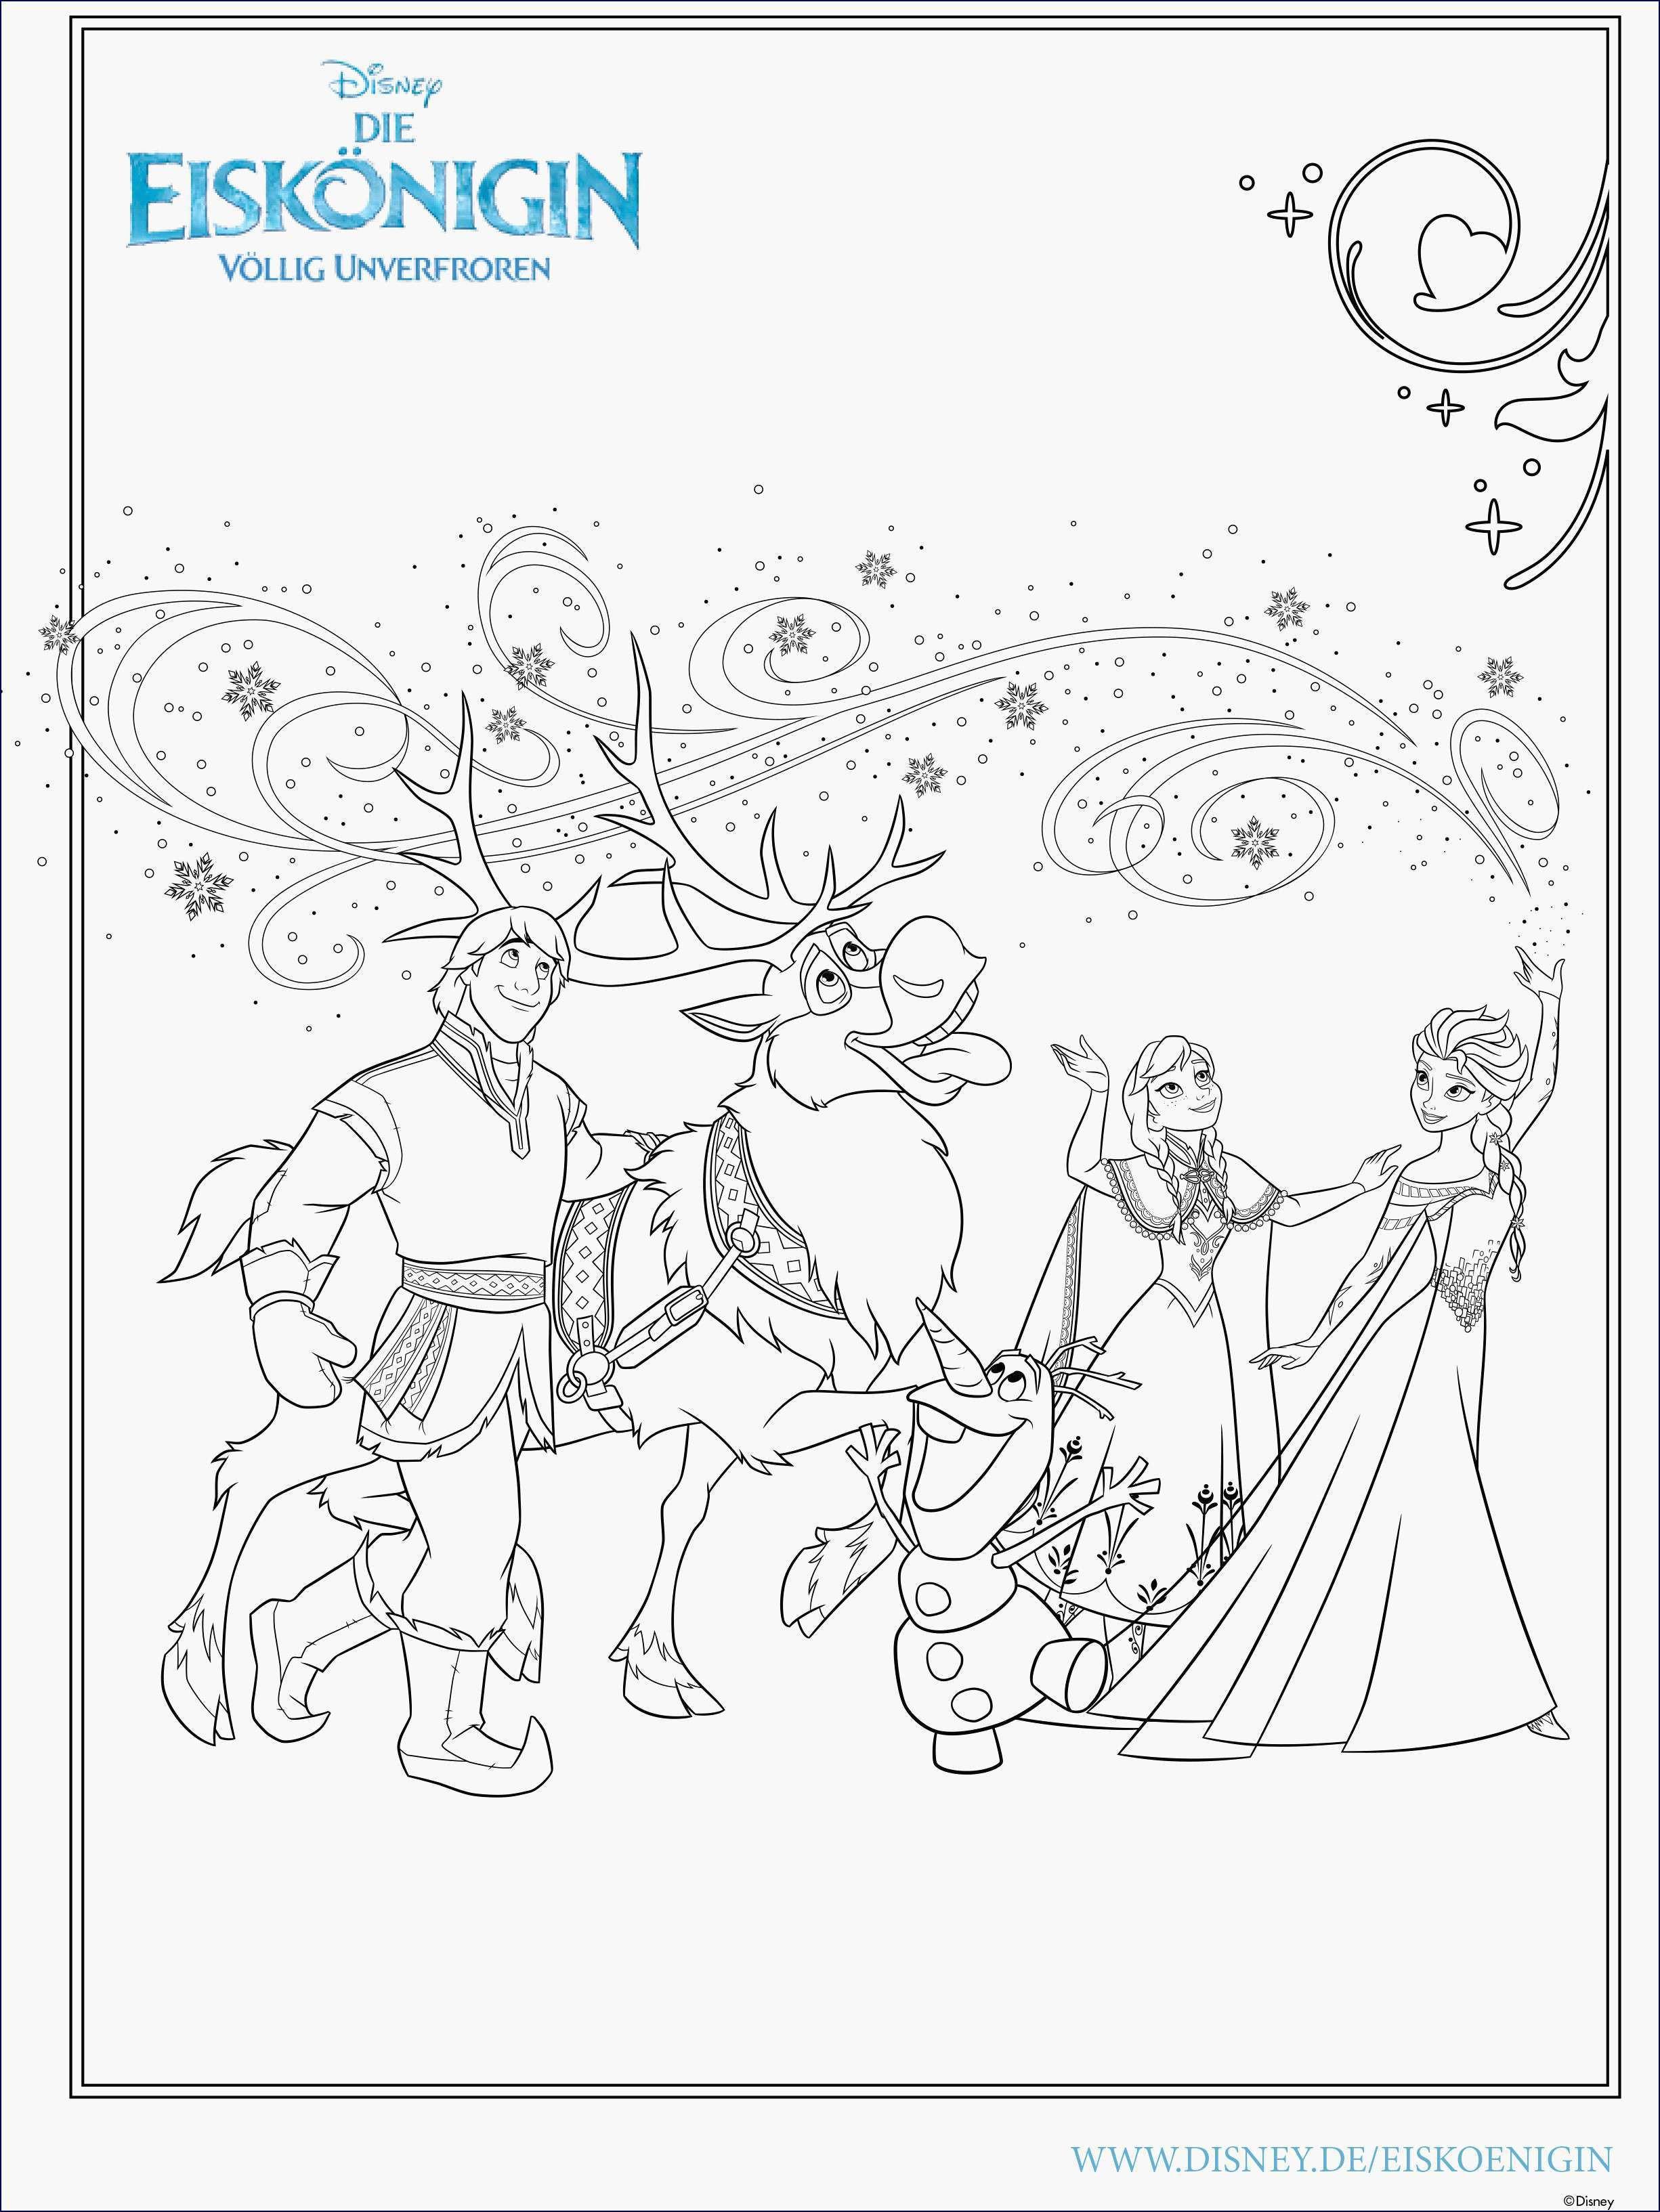 Malvorlage Robin Hood Frisch Ausmalbilder Robin Hood Neu Malvorlagen Disney Robin Hood Zum Best Das Bild